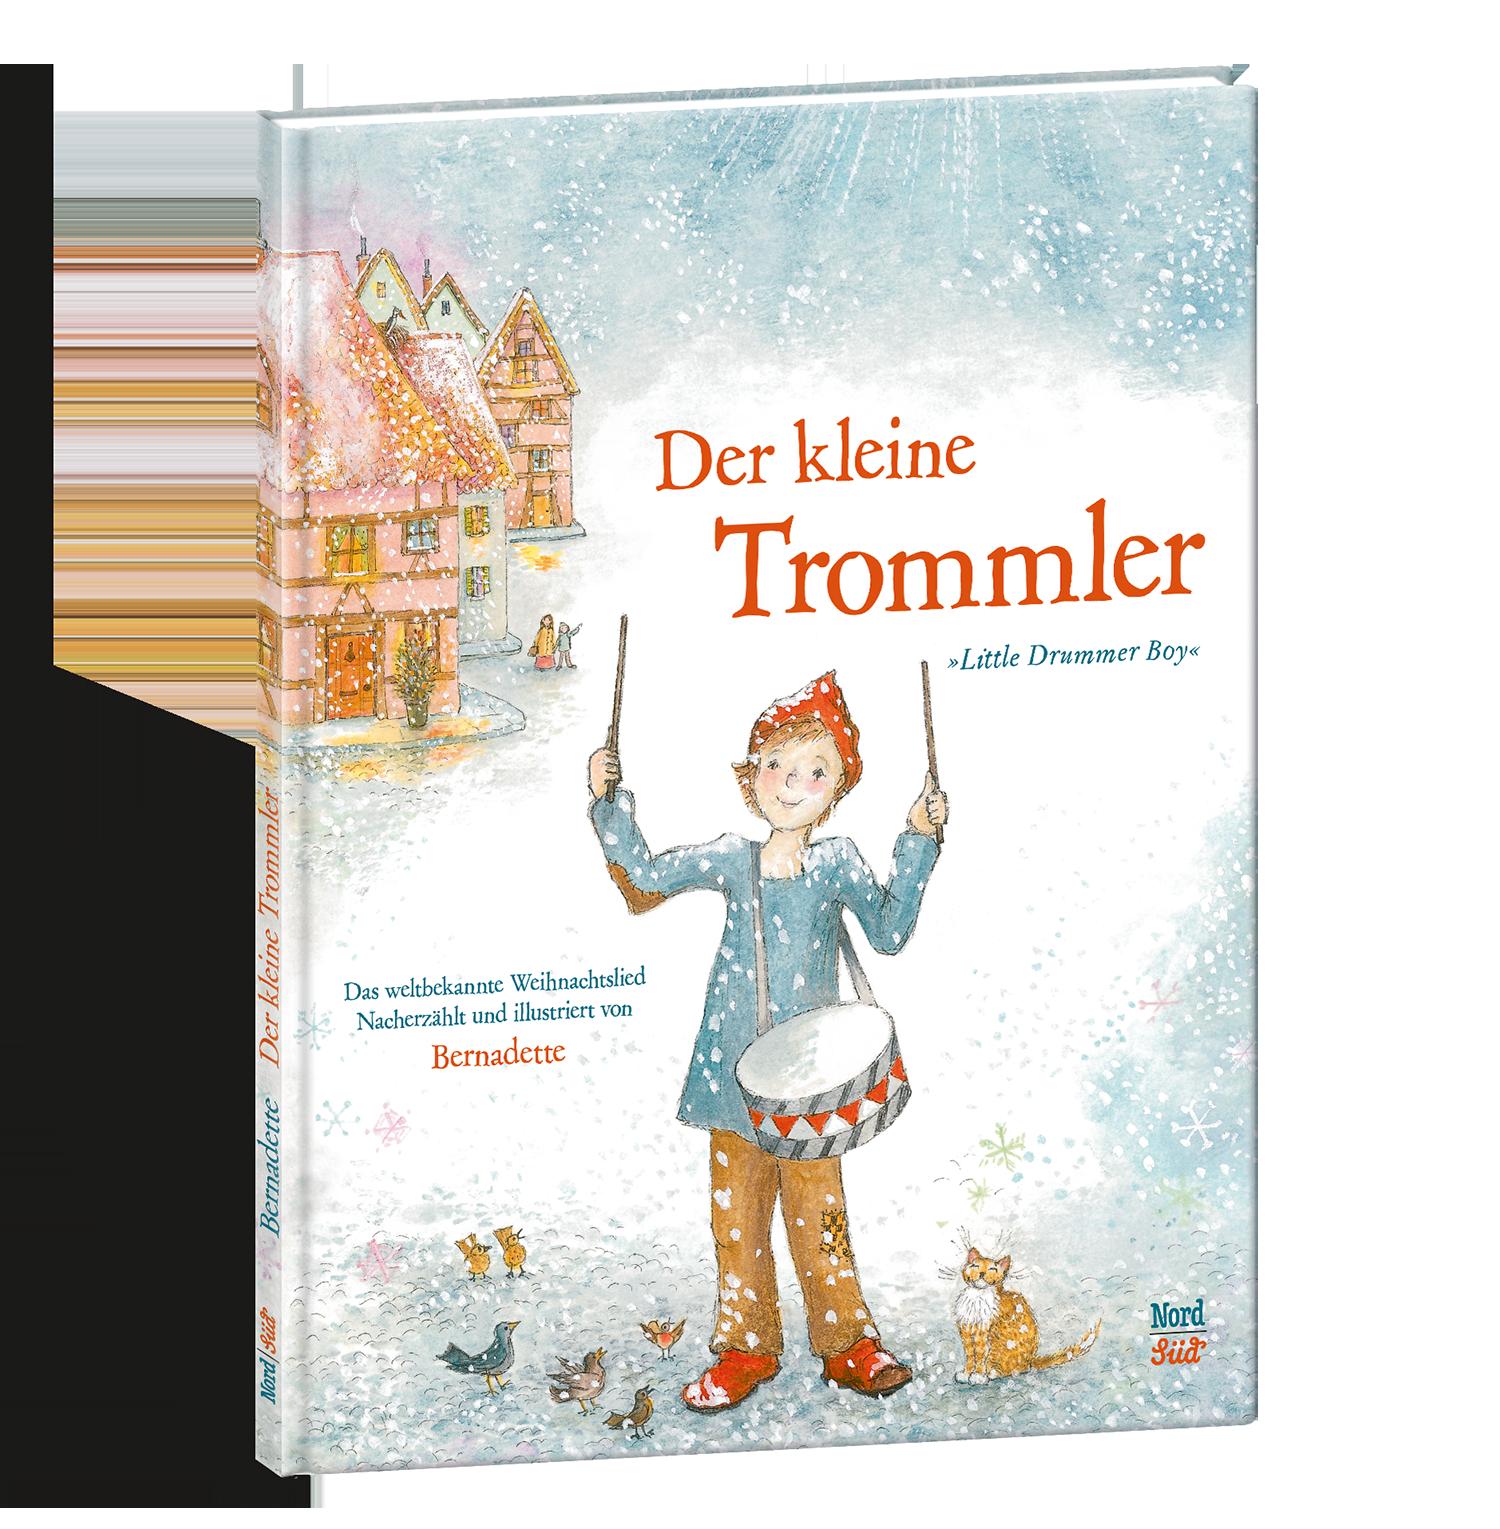 Der kleine Trommler • NordSüd Verlag